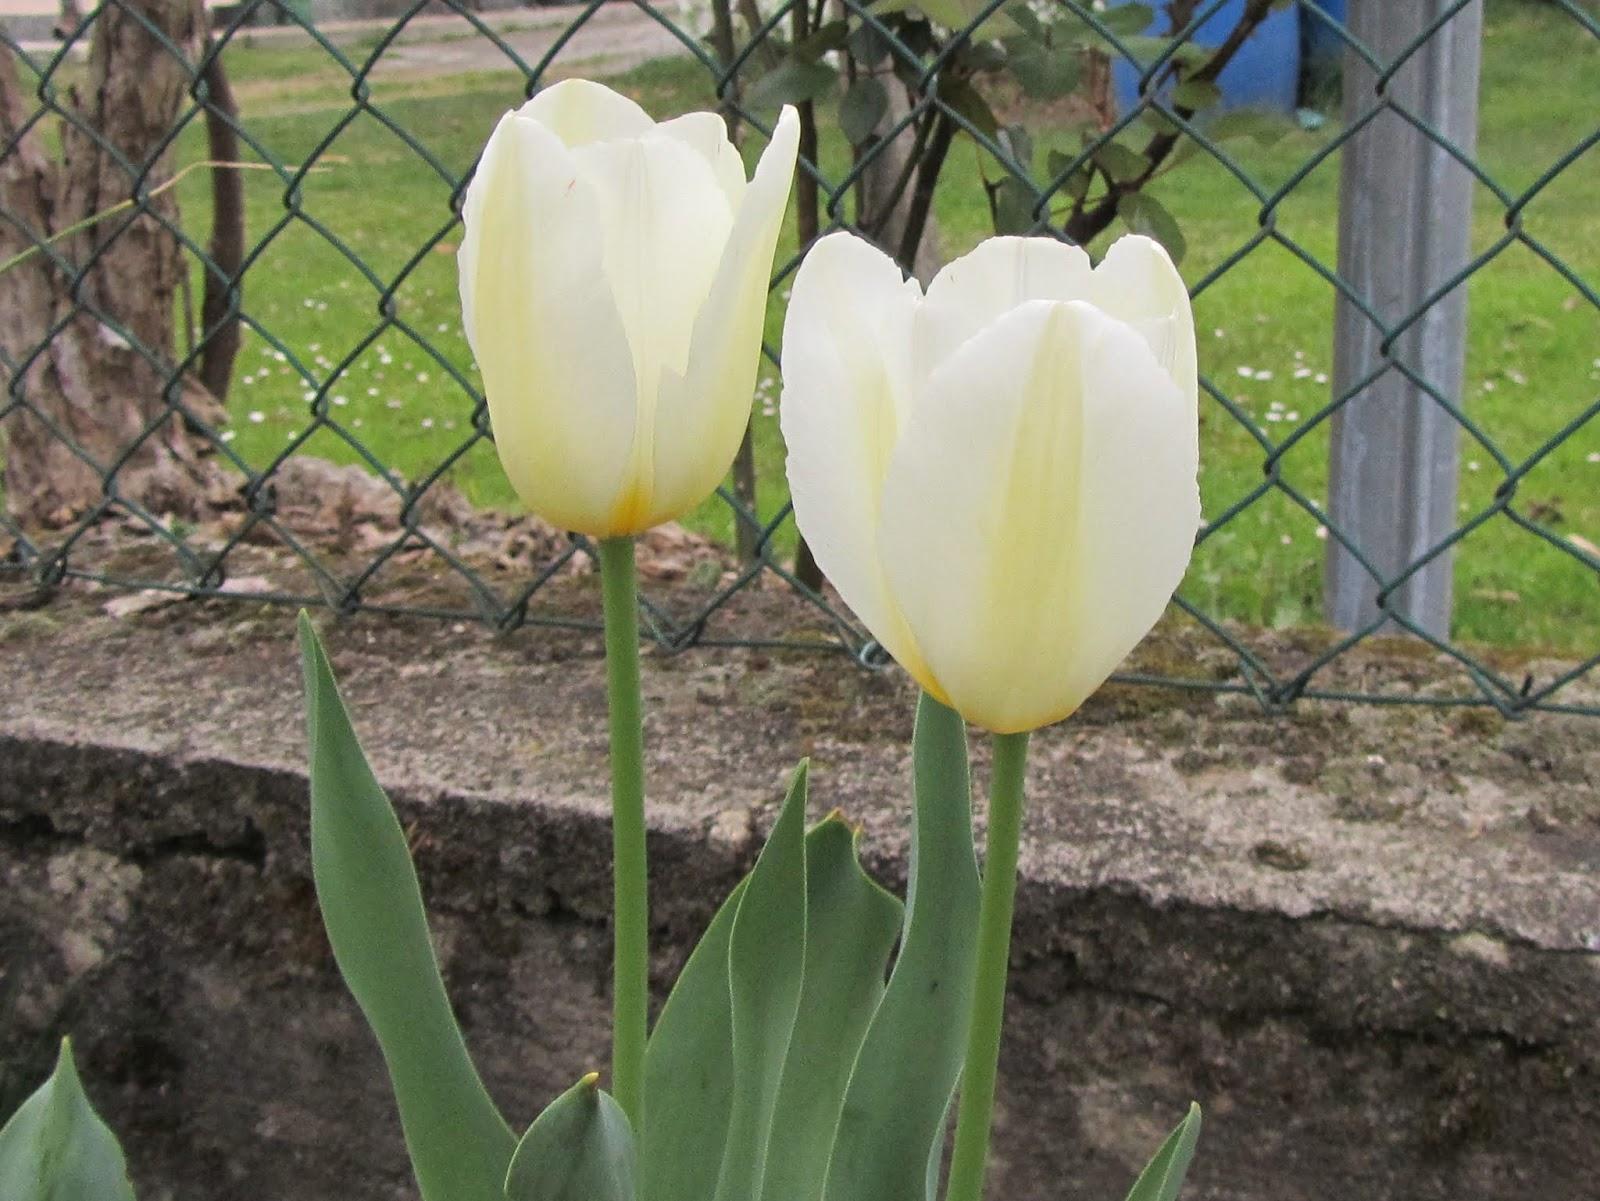 Come Si Piantano I Tulipani il gusto della natura: quando piantare i tulipani